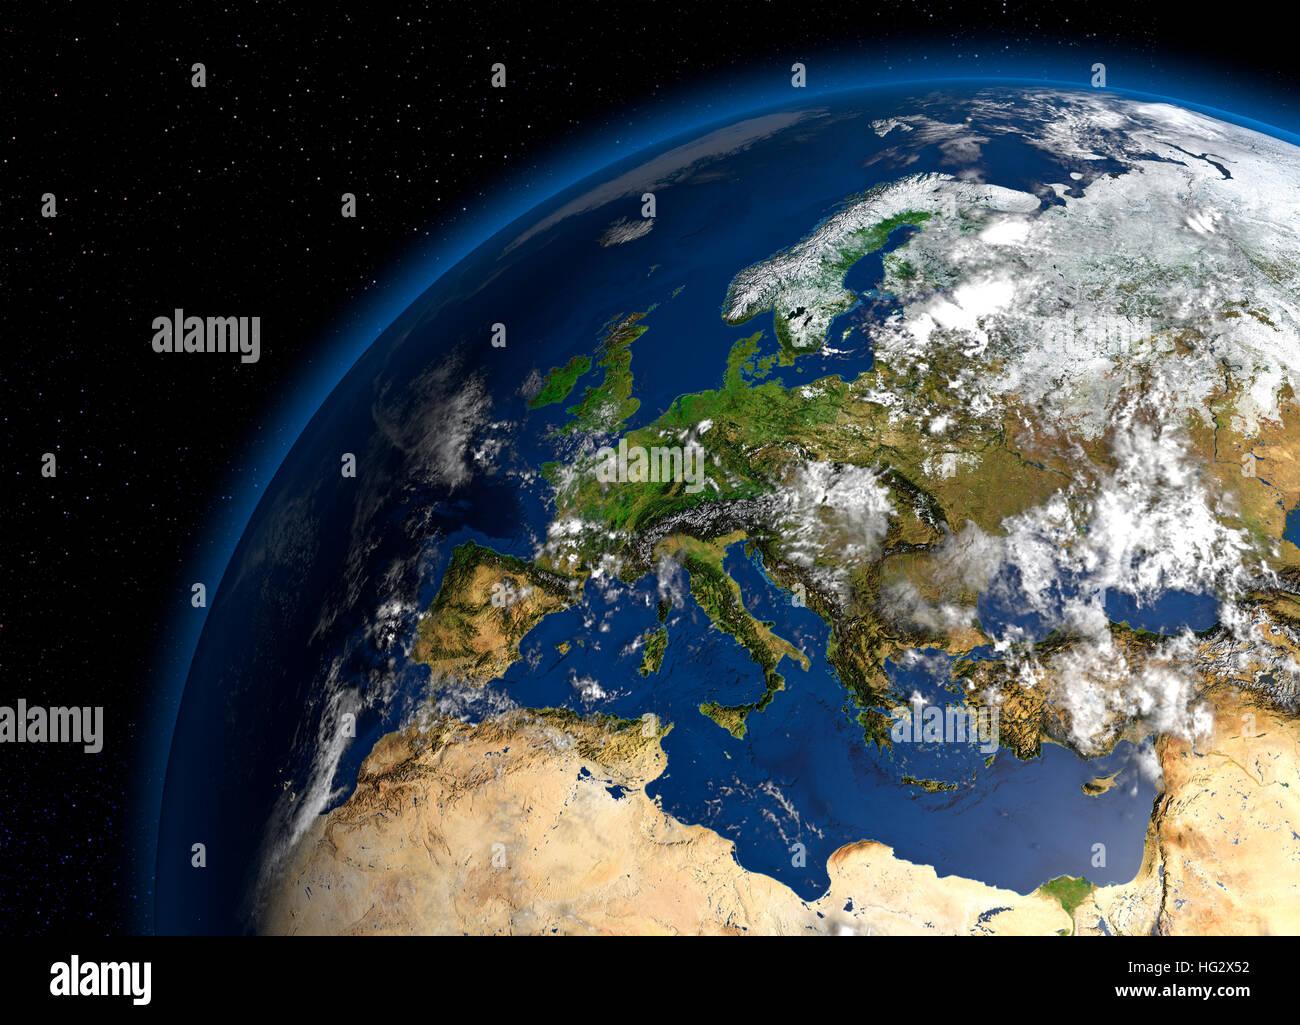 La Terra vista dallo spazio che mostra l'Europa. Realistico illustrazione digitale tra cui sollievo mappa hill Immagini Stock